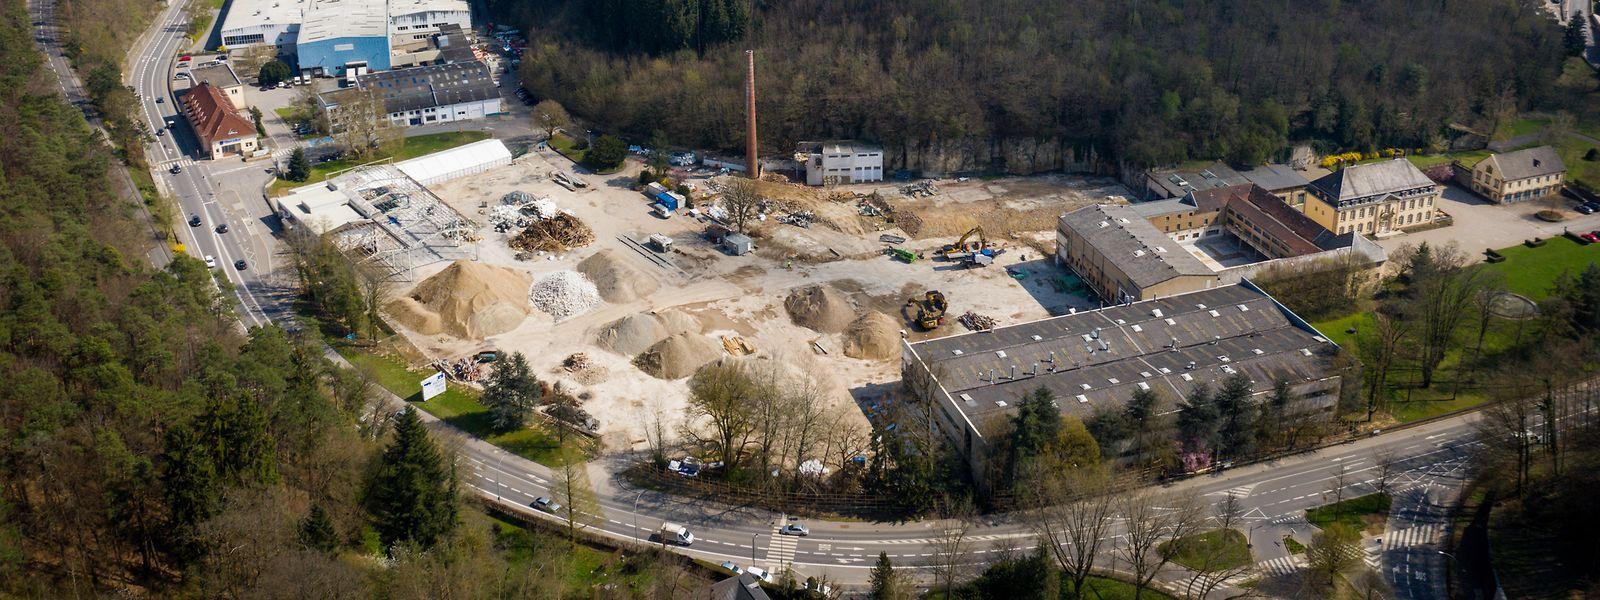 Das jetzt verkaufte Grundstück stößt an Schloss Septfontaines (rechts im Bild).